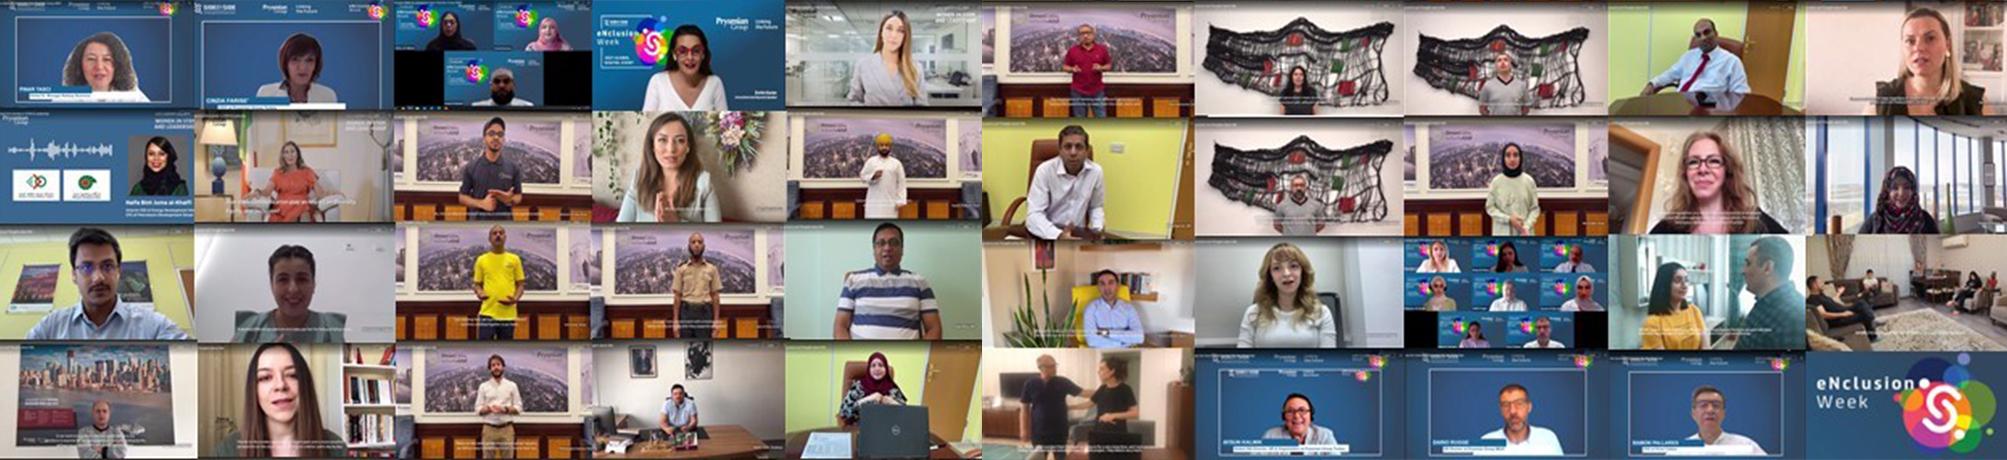 """Prysmian Group, global düzeyde 50'den fazla panel  ve atölye çalışmasının gerçekleştirildiği  """"eNclusion Week""""e imza attı"""